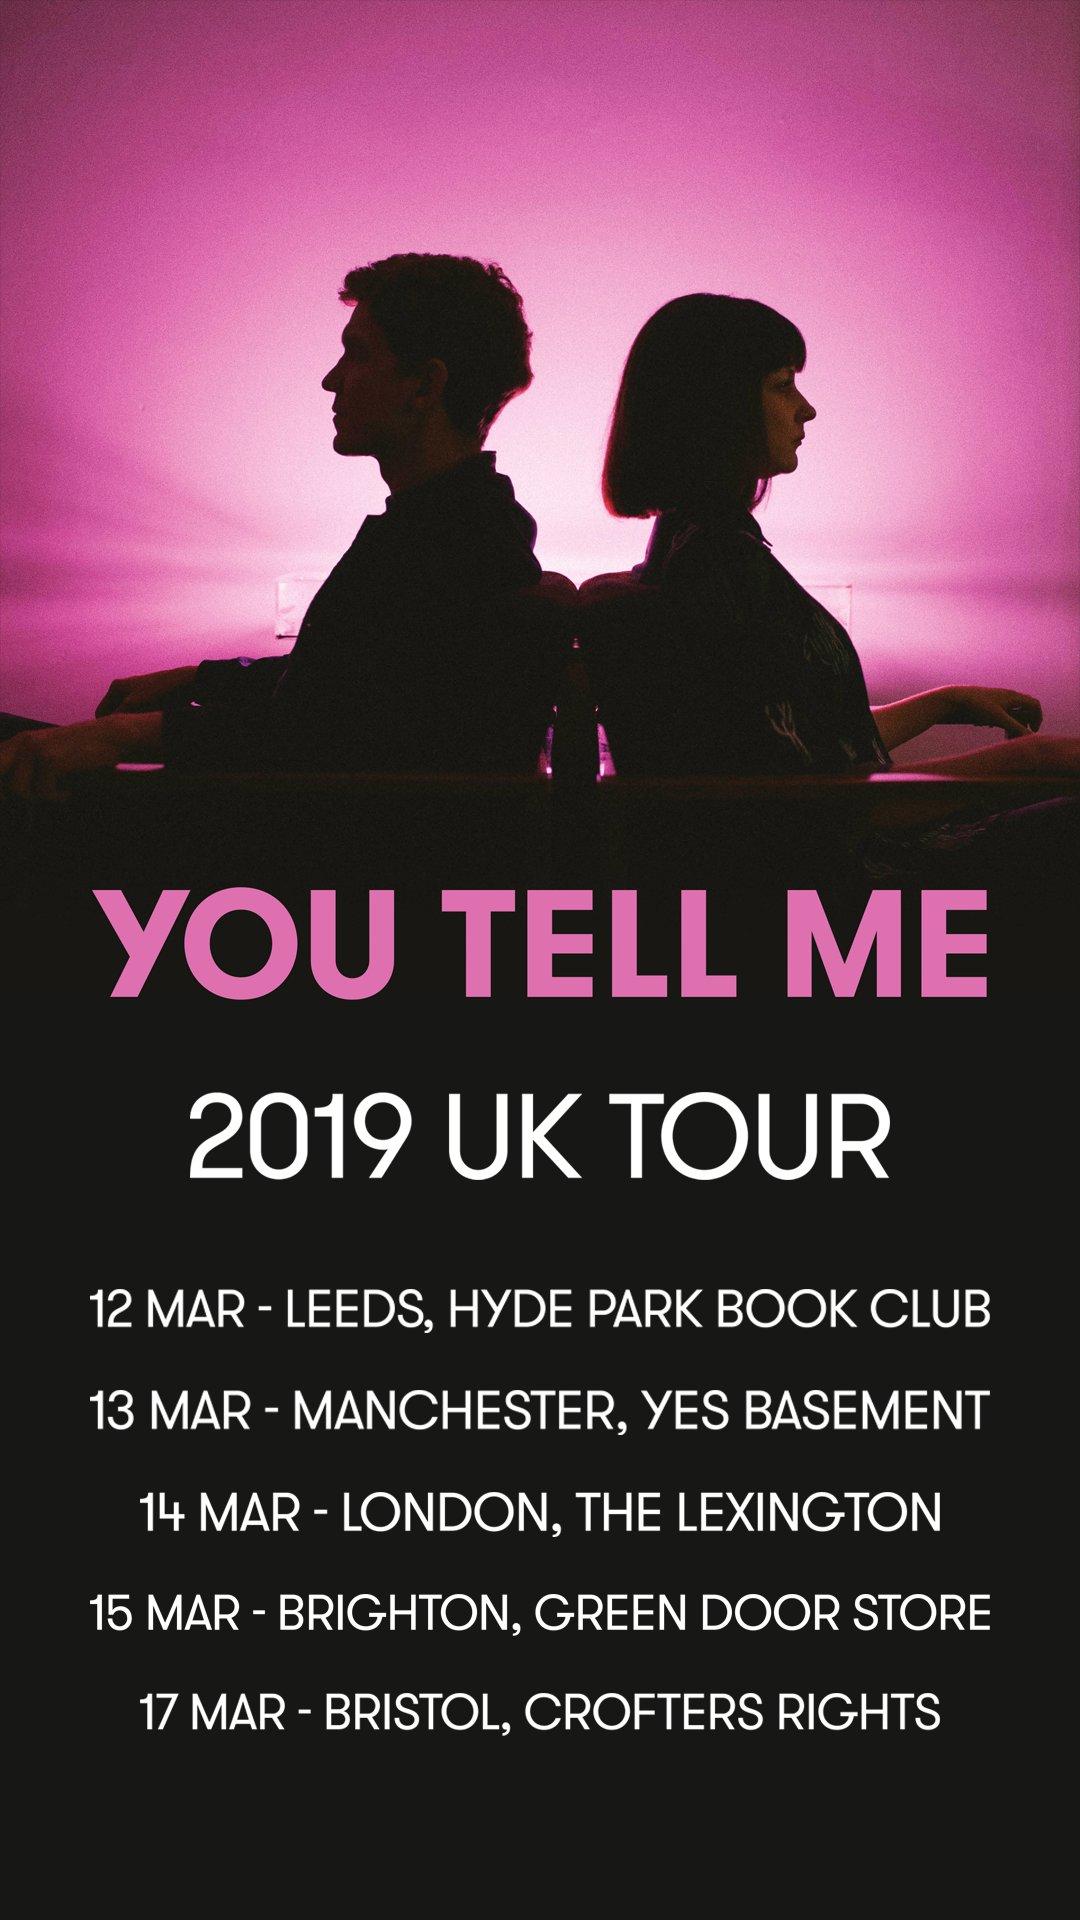 YTM Tour March 19